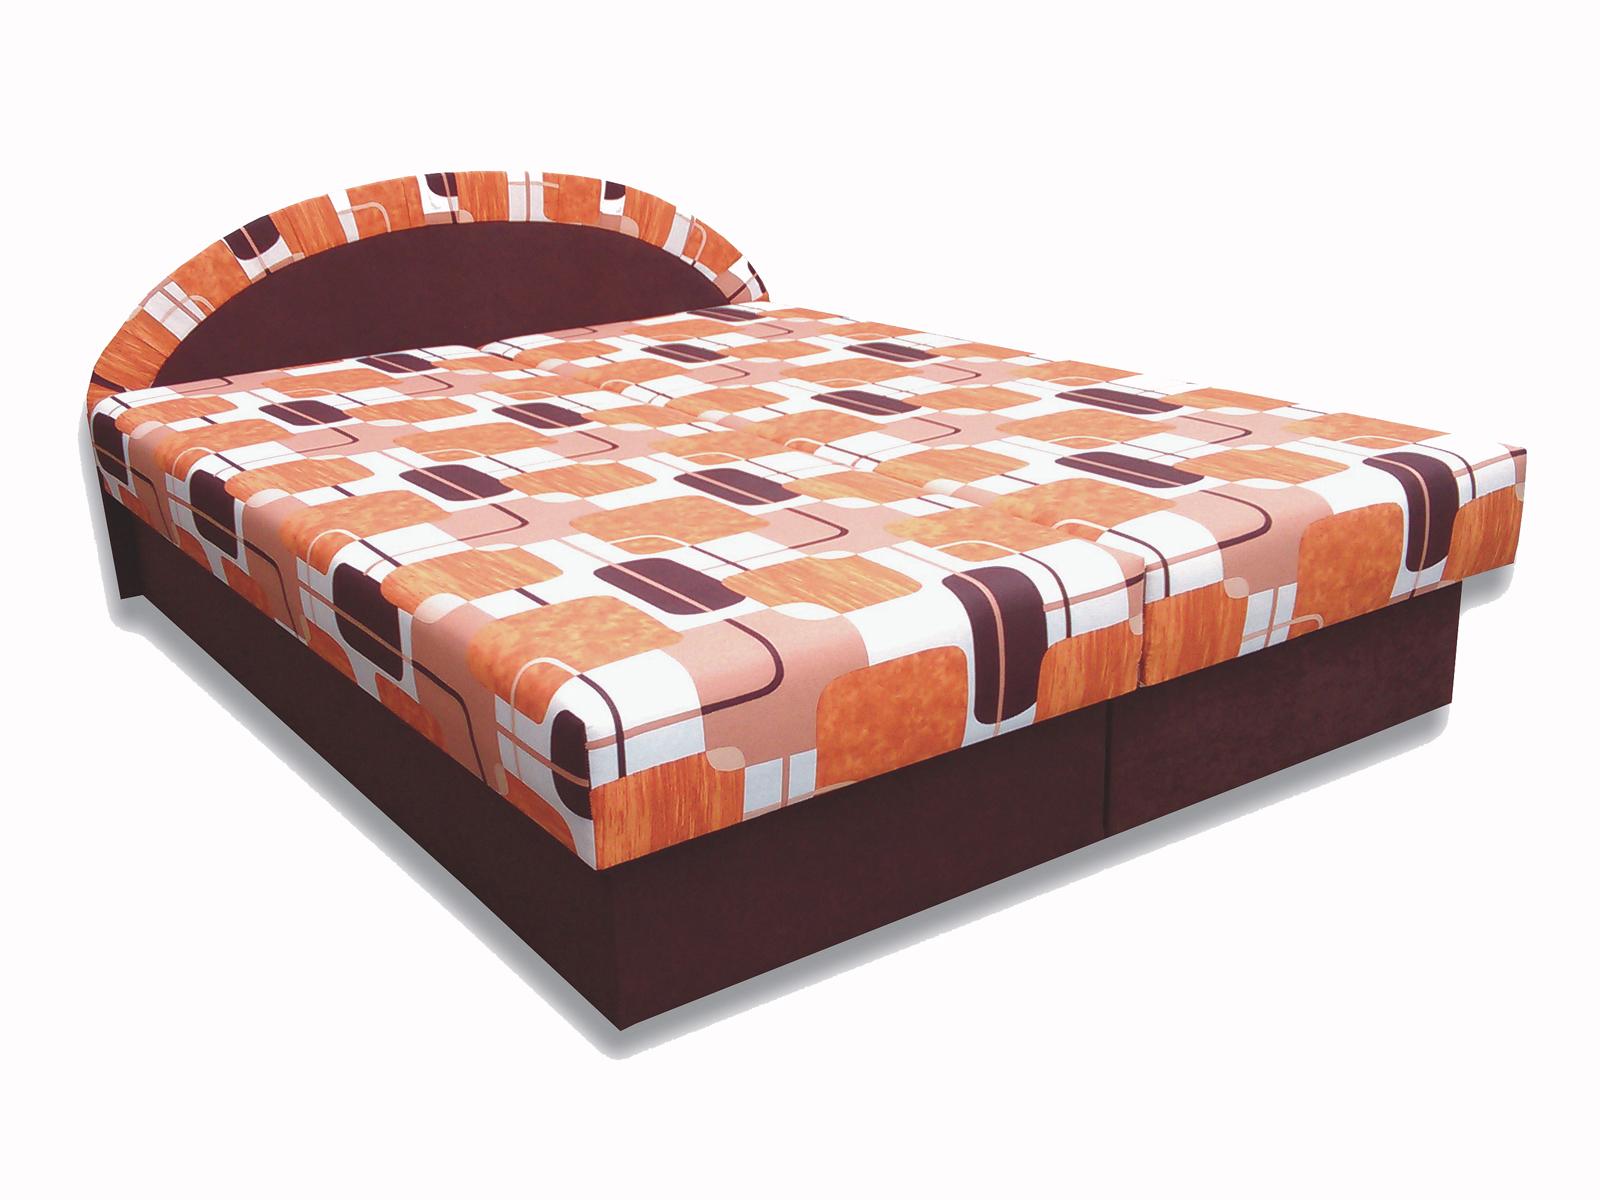 Manželská posteľ 160 cm - Famm - Elena (hnedá) (s matracom). Akcia -18%. Sme autorizovaný predajca Famm. Vlastná spoľahlivá doprava až k Vám domov.